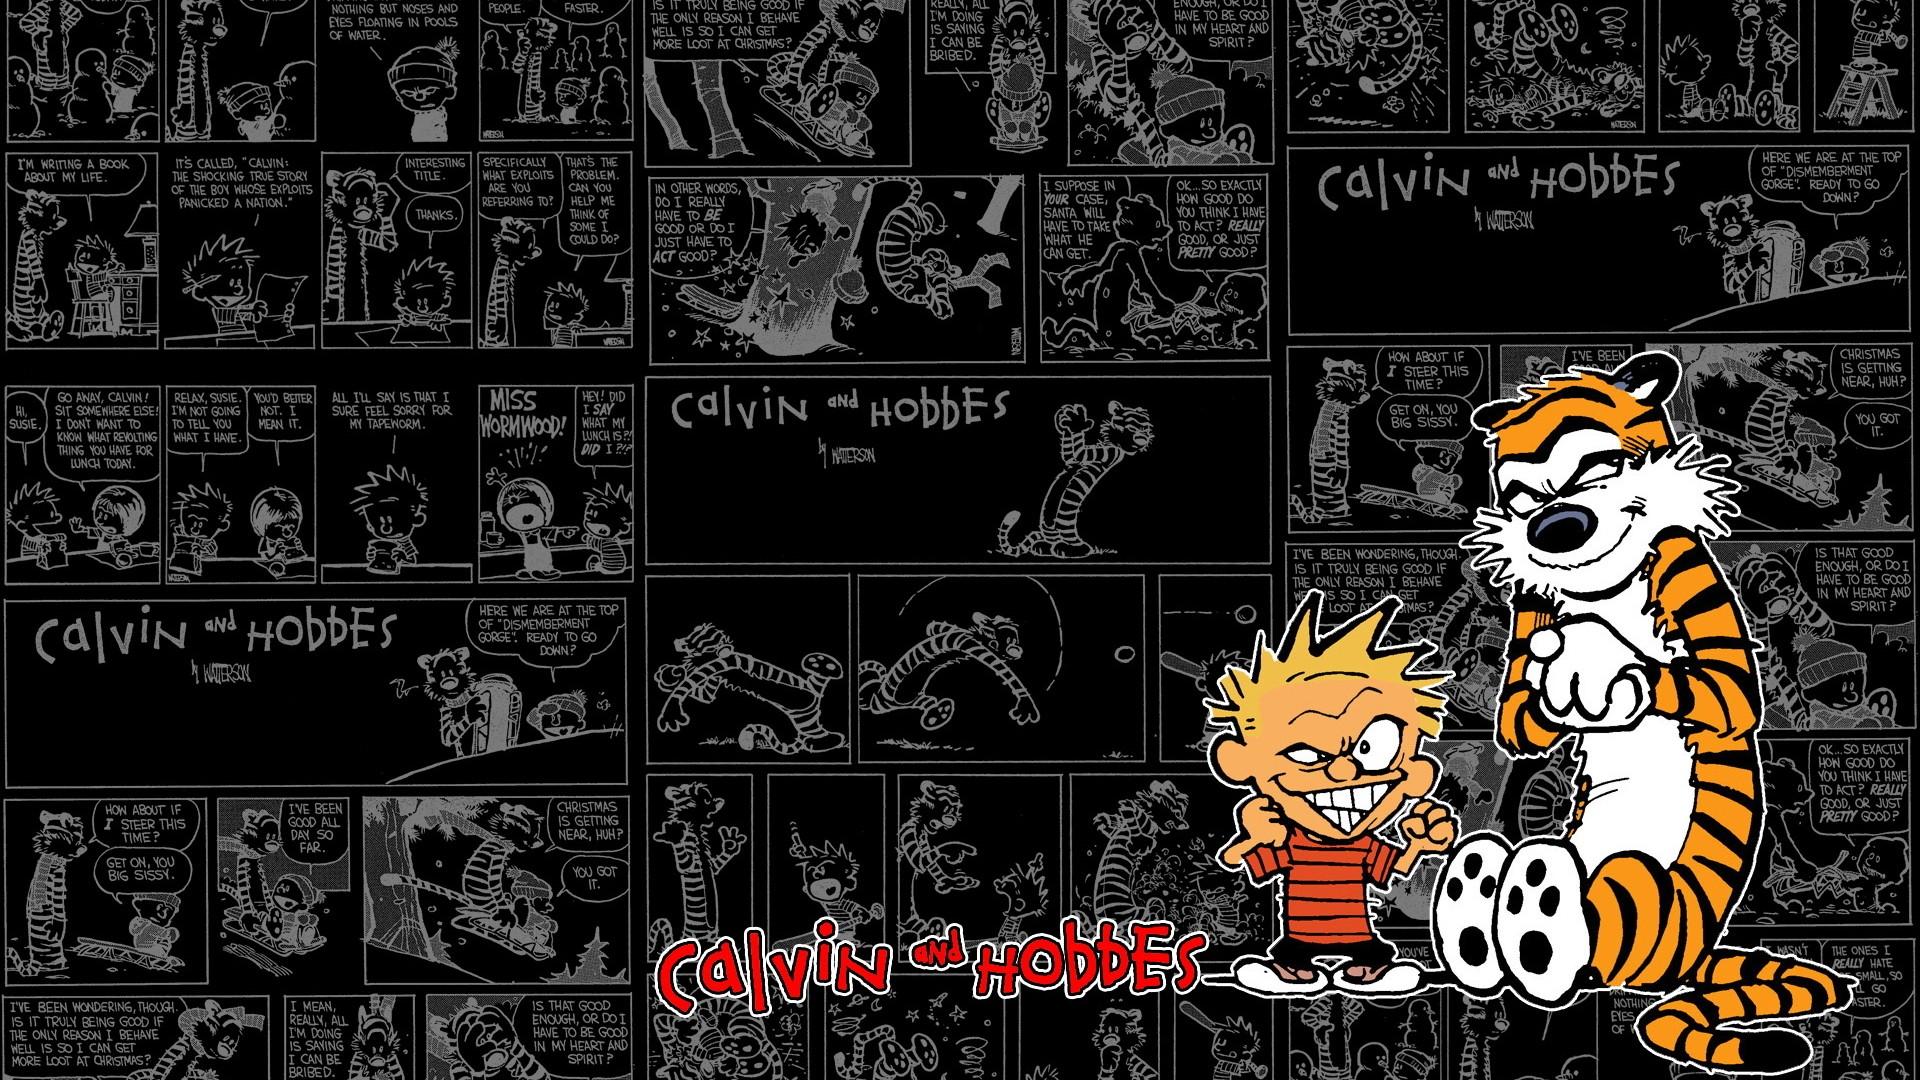 Fondos De Pantalla 1920x1080 Px Calvin Y Hobbes